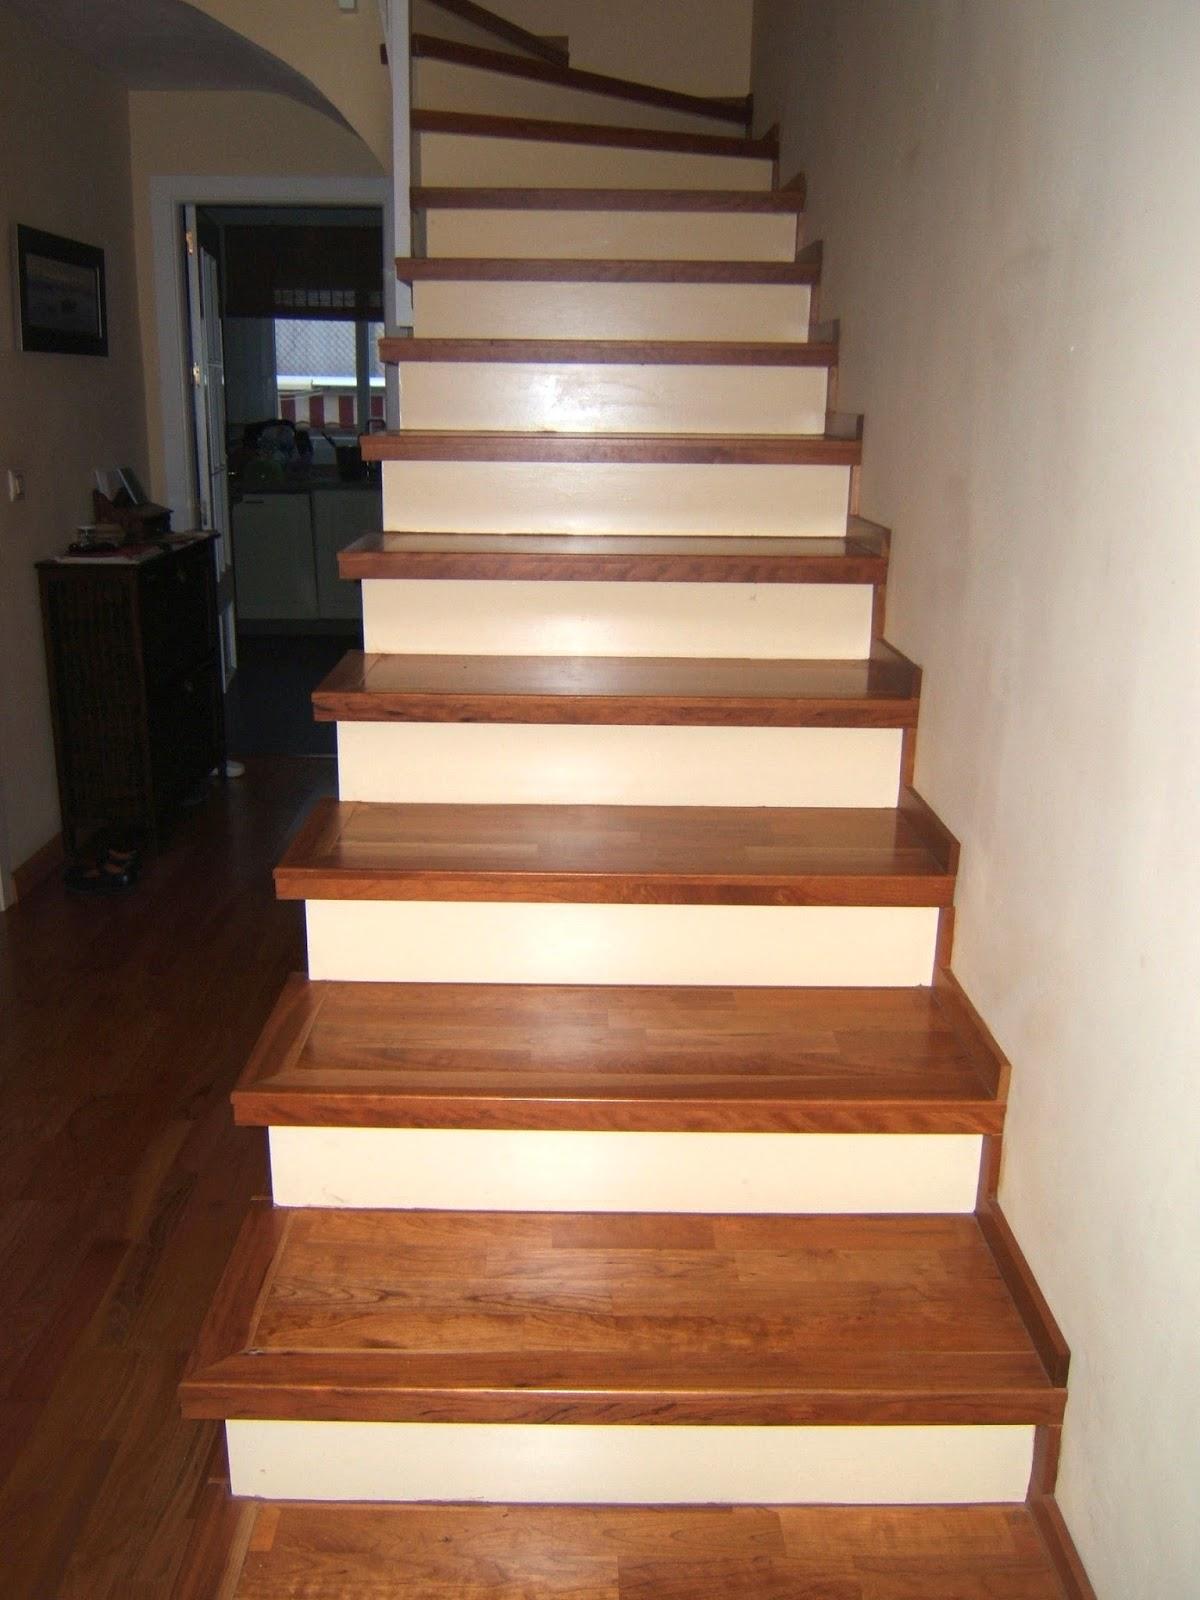 Nicolas rojas instalaciones tarima cocinas armarios - Maderas para escaleras ...